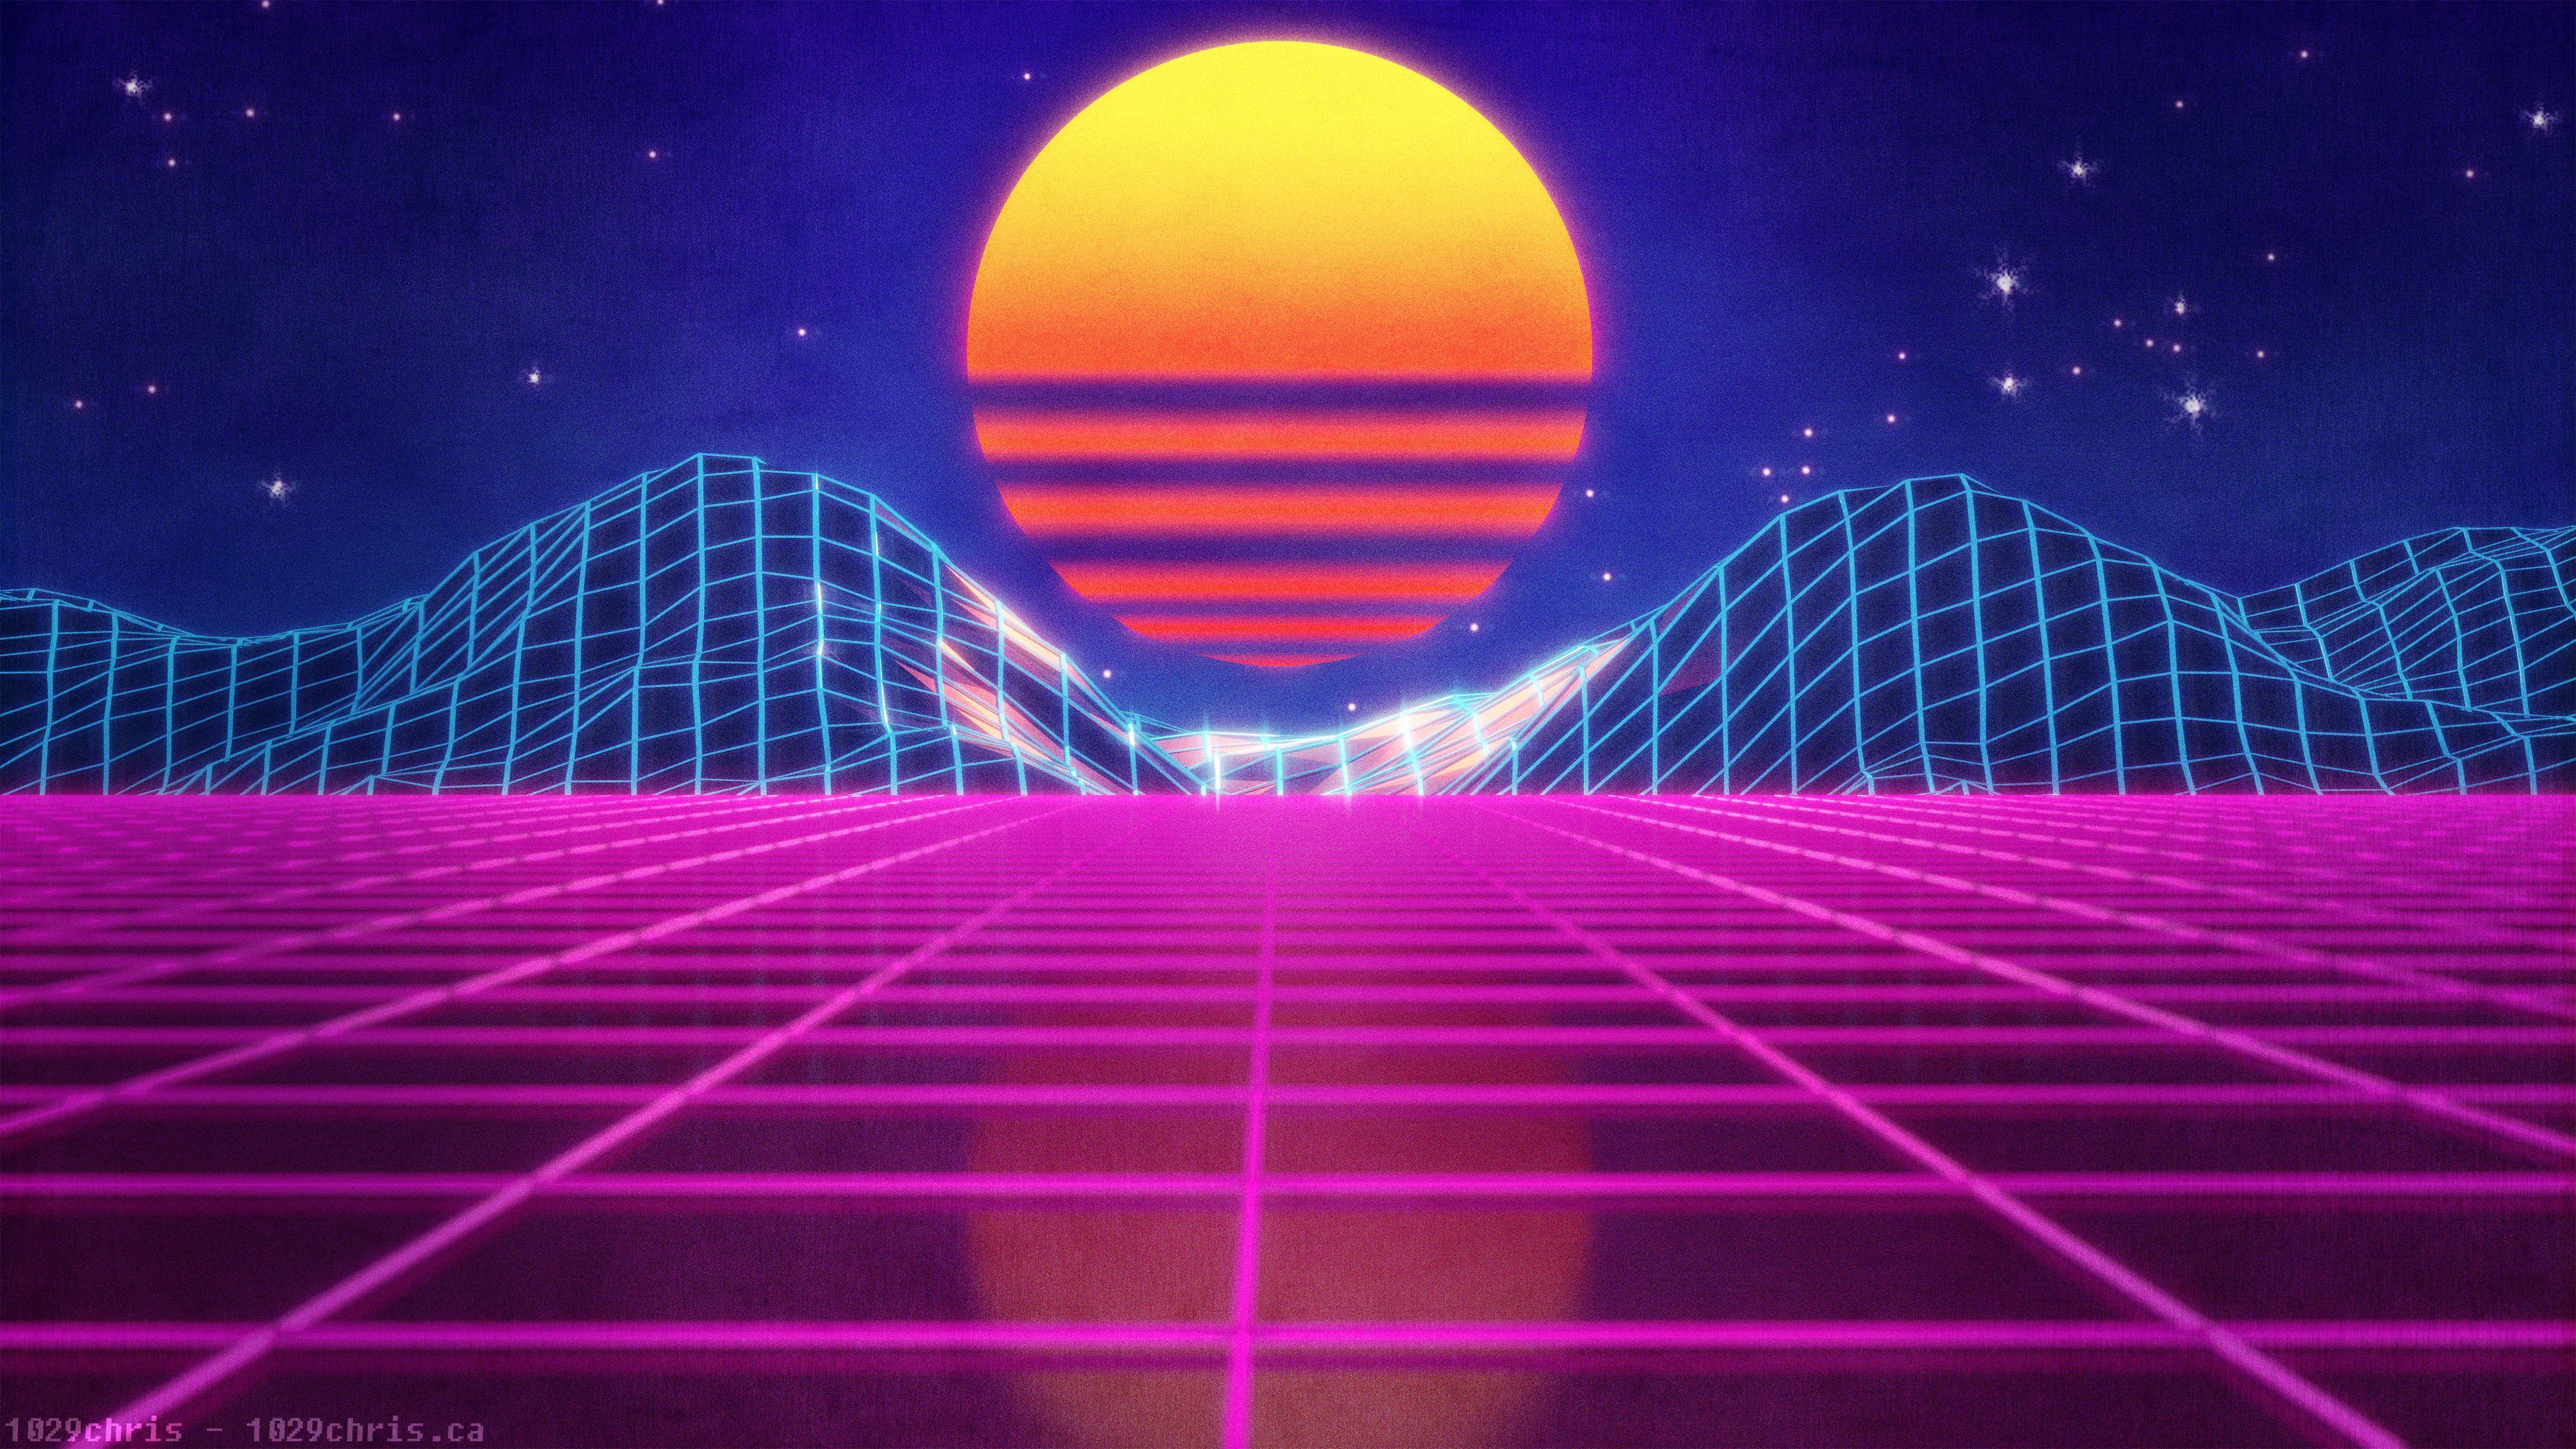 Neon Valley Wallpaper I Created In Blender Outrun Hintergrundbilder Bilder Hintergrundbilder Iphone